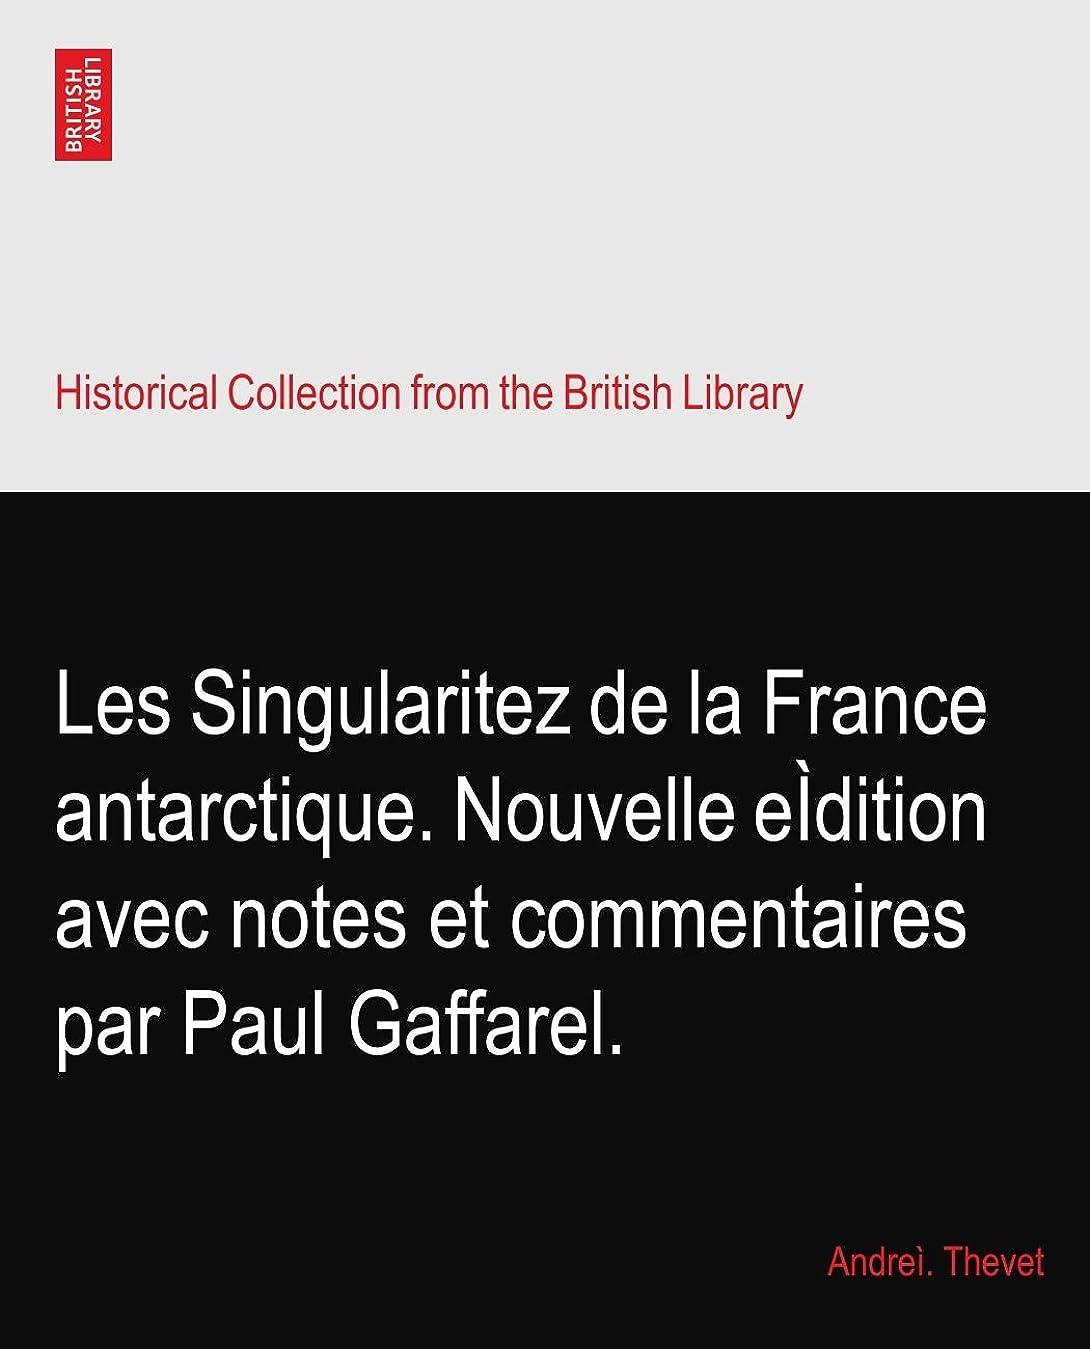 怖がらせる型階層Les Singularitez de la France antarctique. Nouvelle eìdition avec notes et commentaires par Paul Gaffarel.